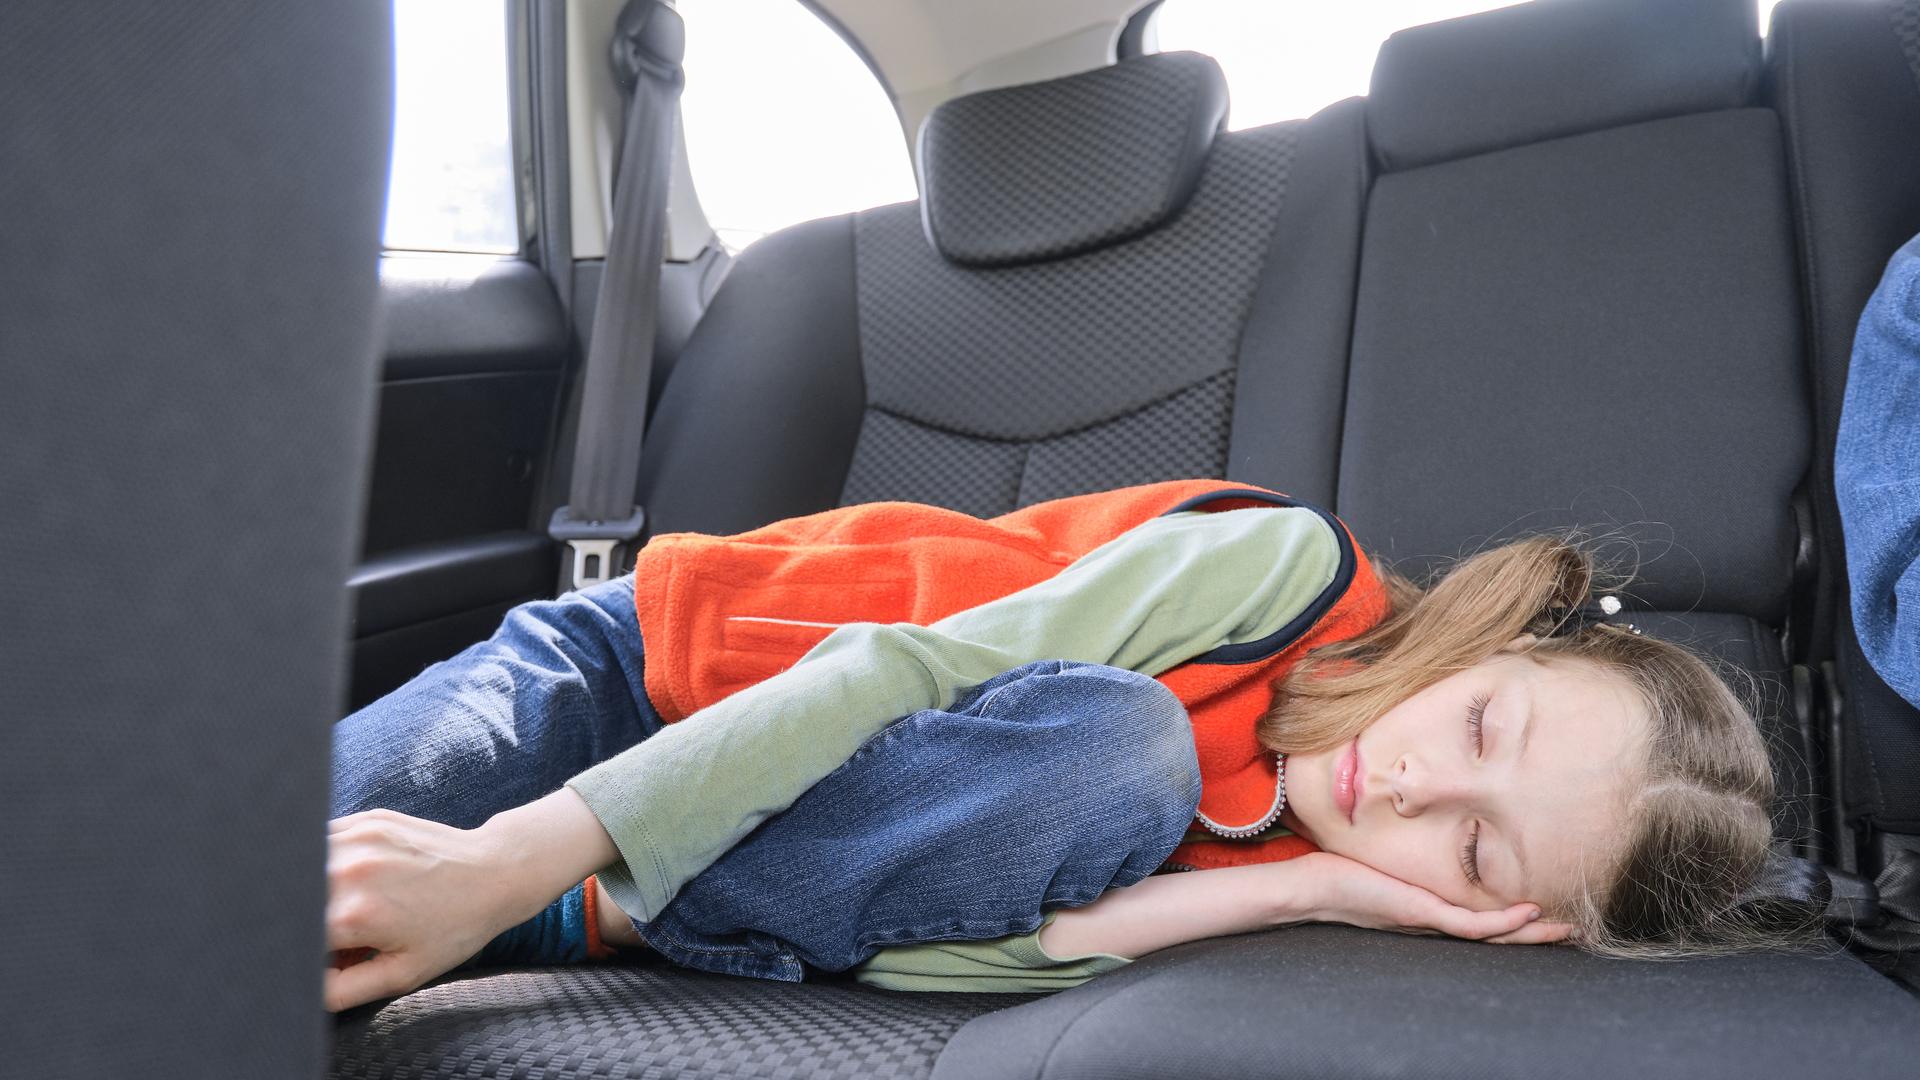 menina crianca deitada banco traseiro carro viagem viajar